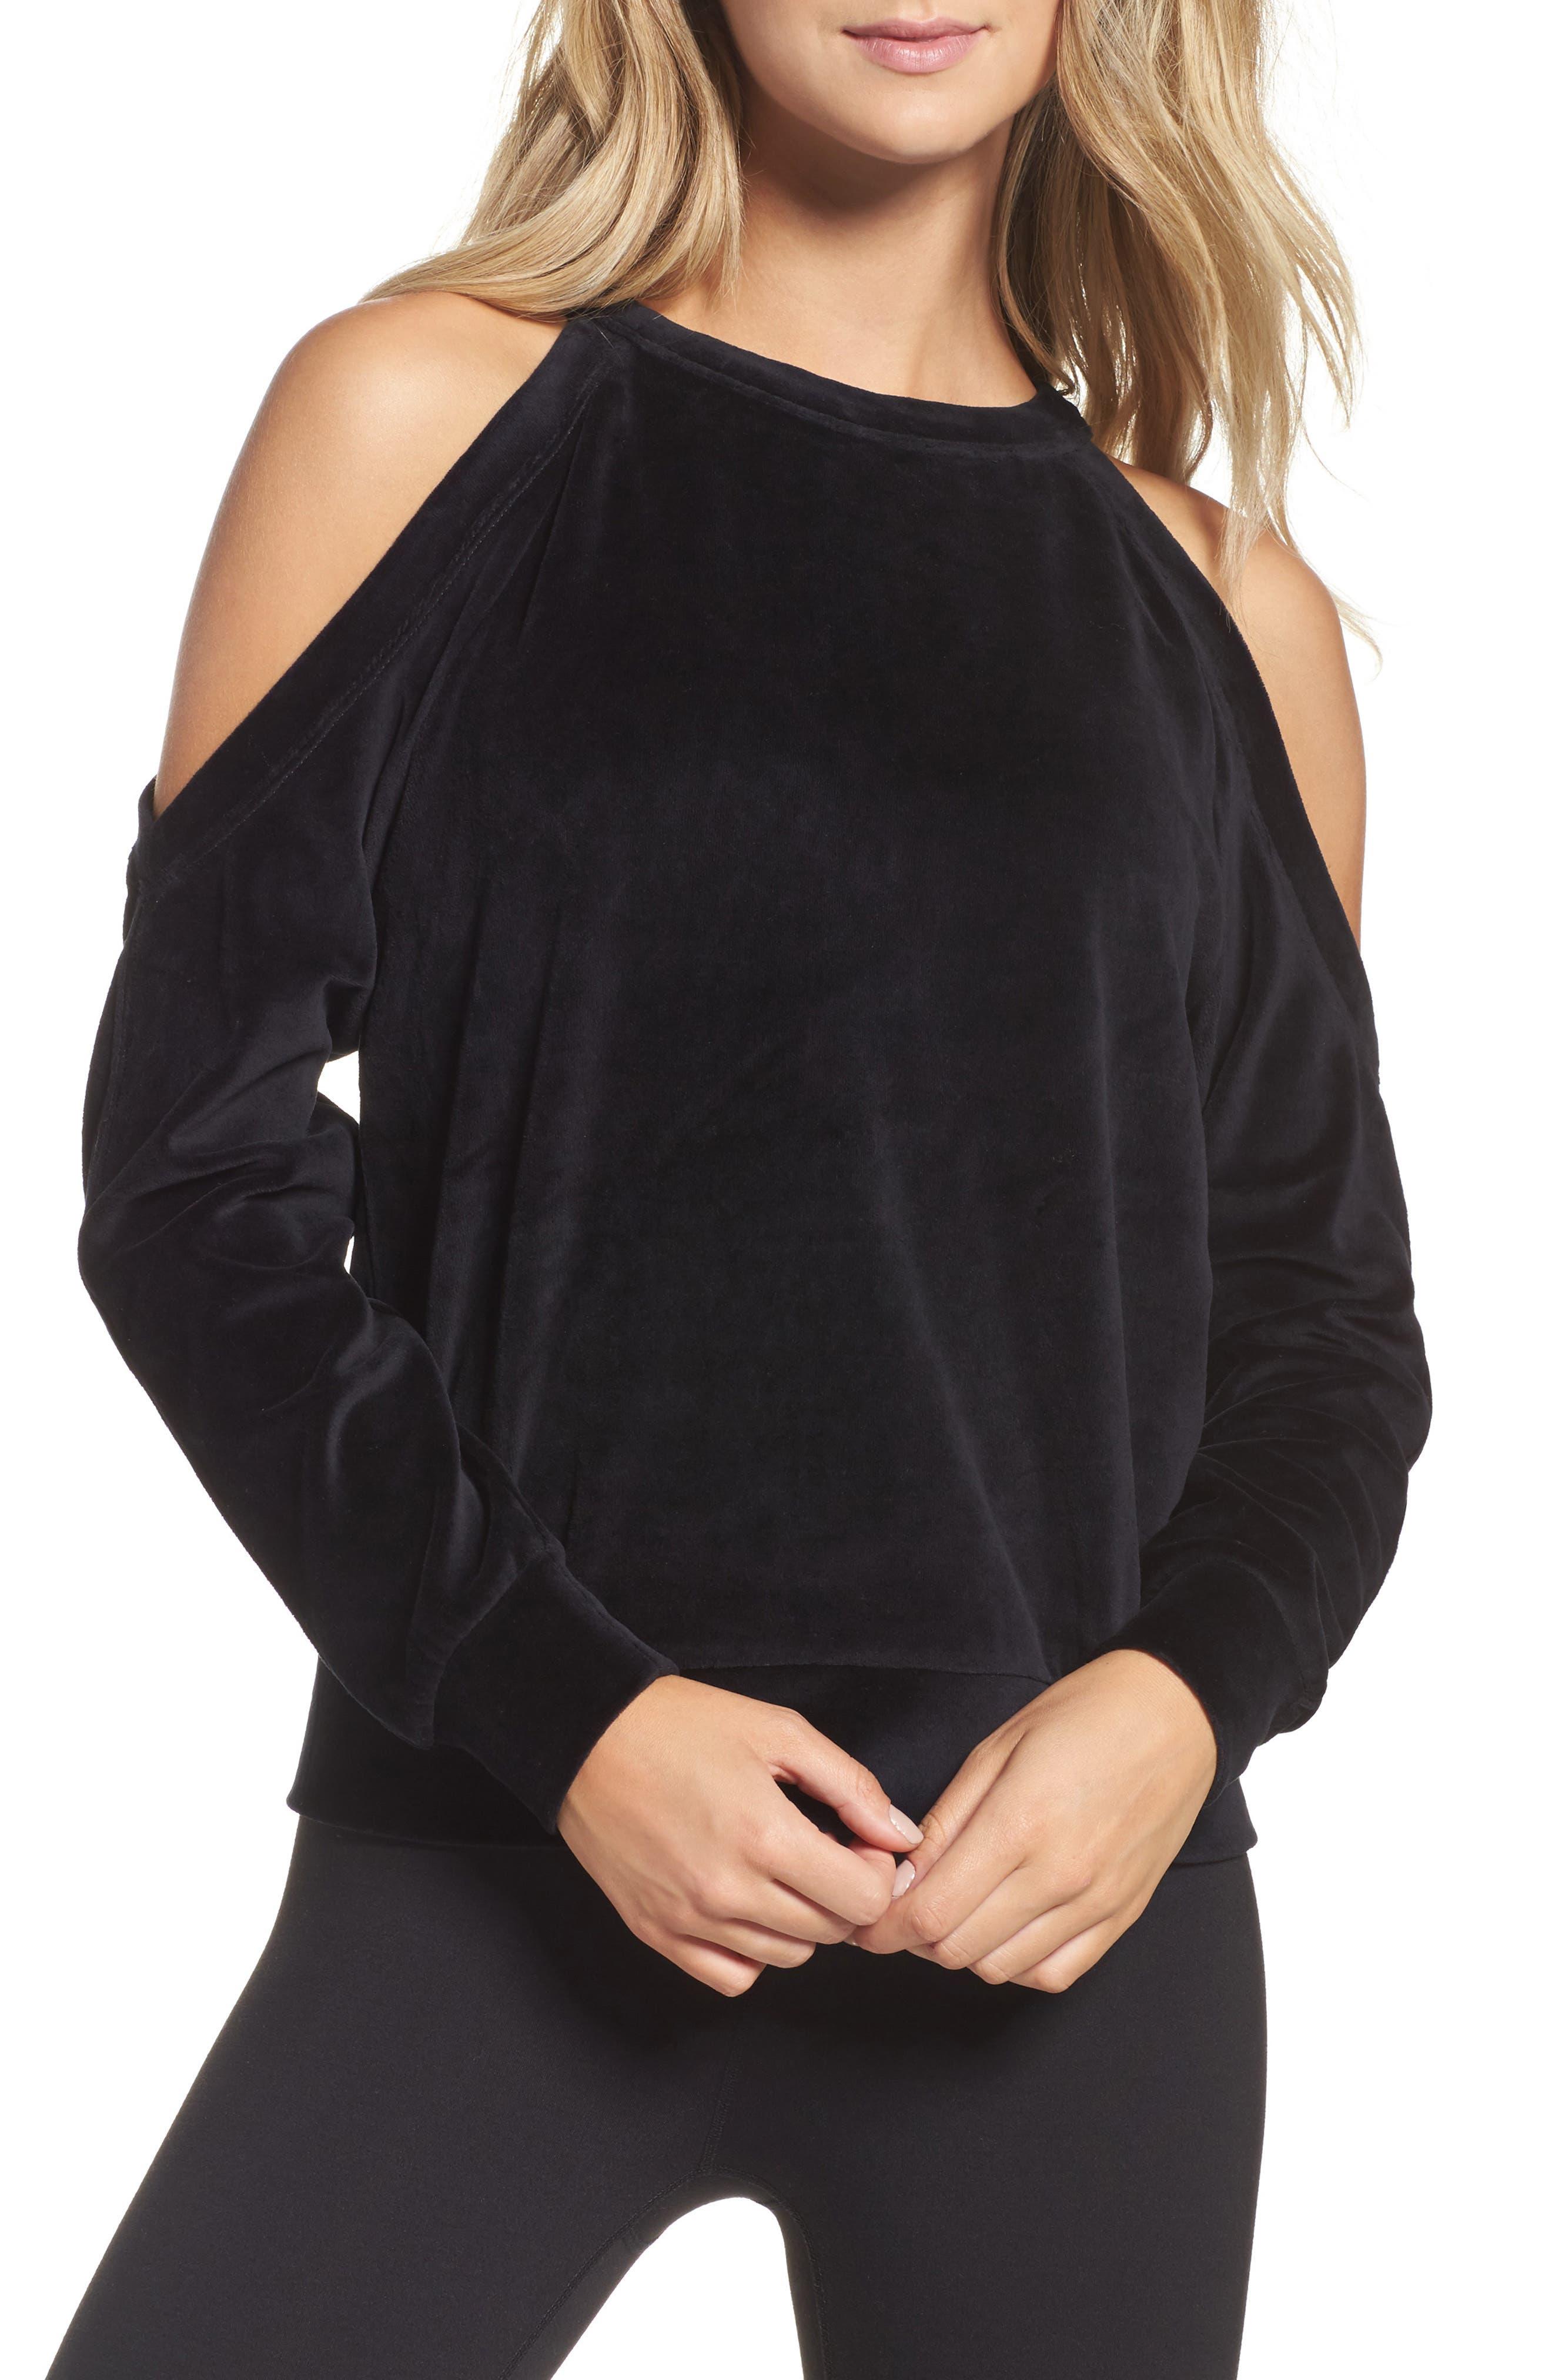 Alternate Image 1 Selected - Zella Cara Velour Cold Shoulder Top